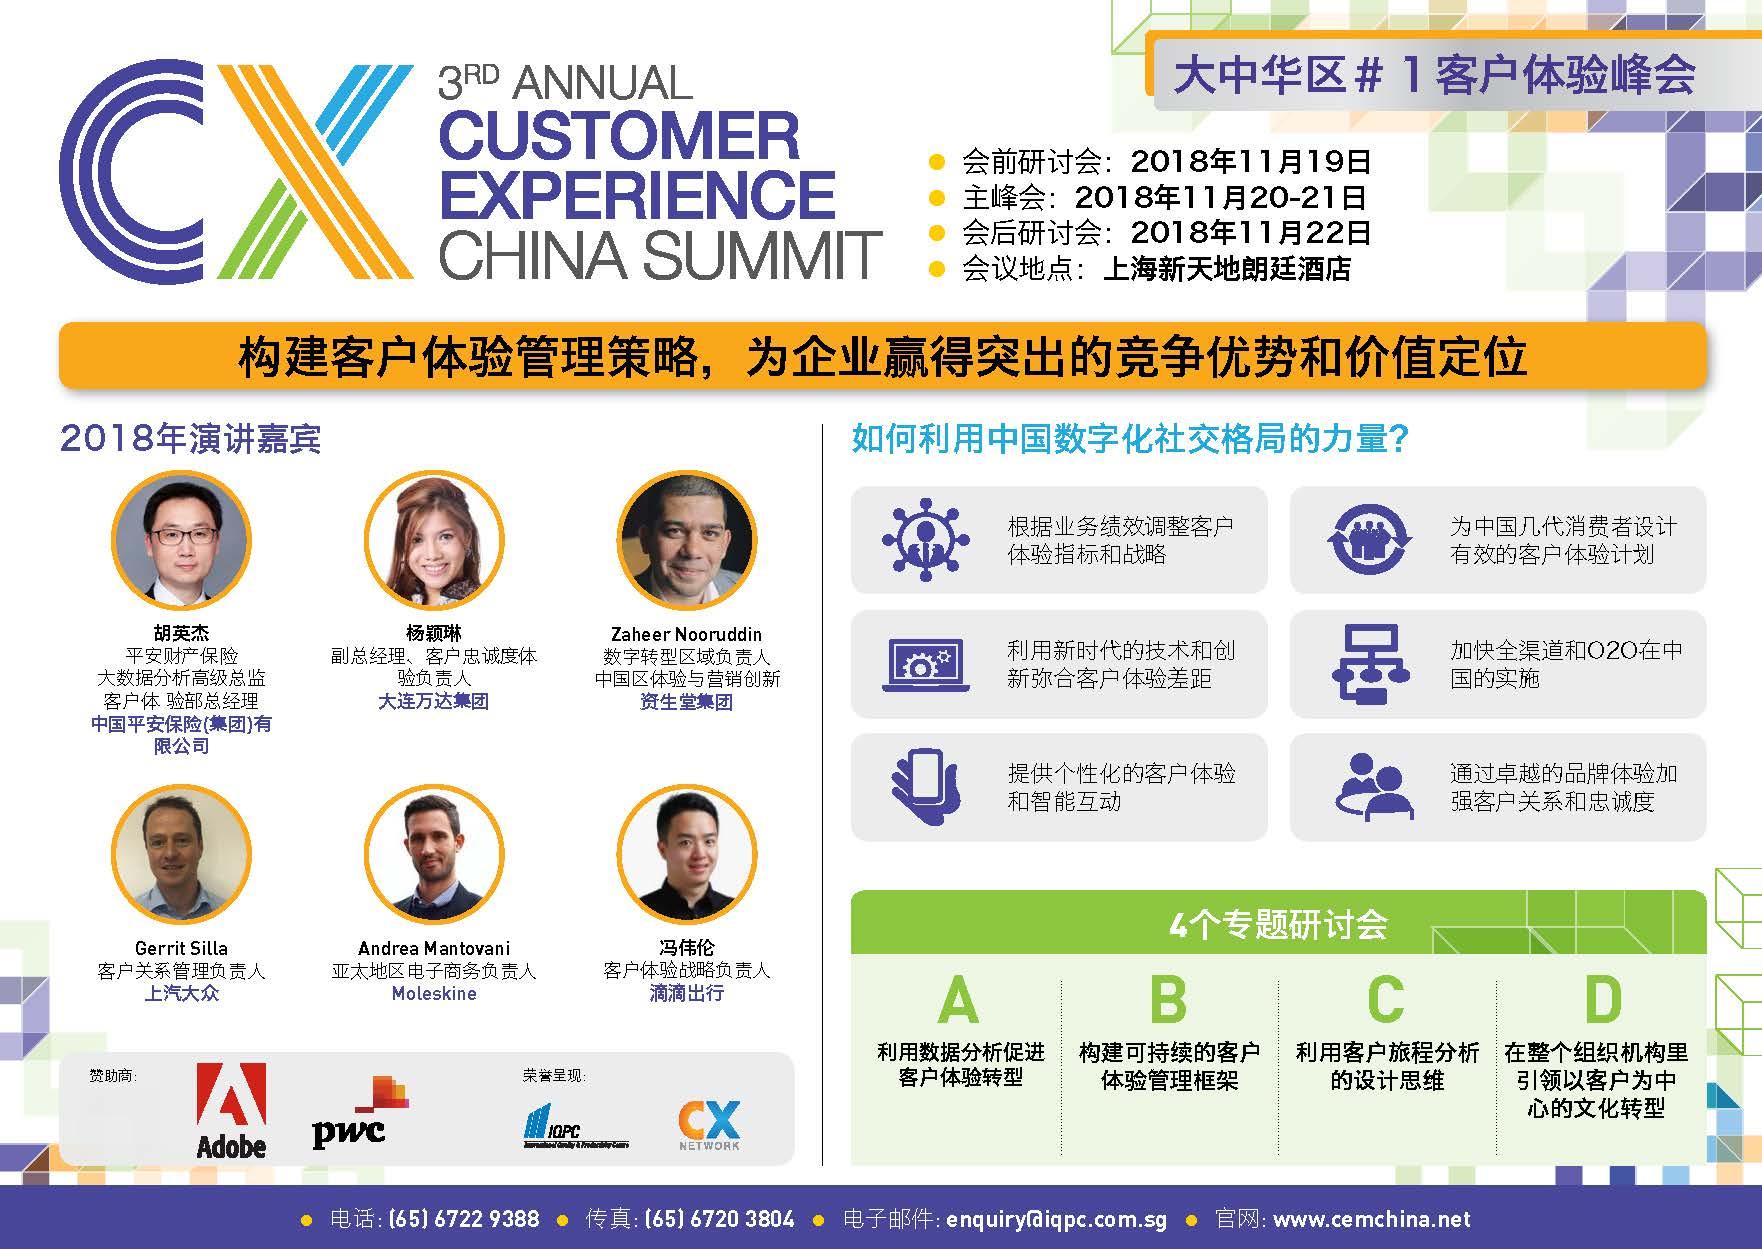 请下载 - 第三届客户体验管理中国峰会官方会议手册